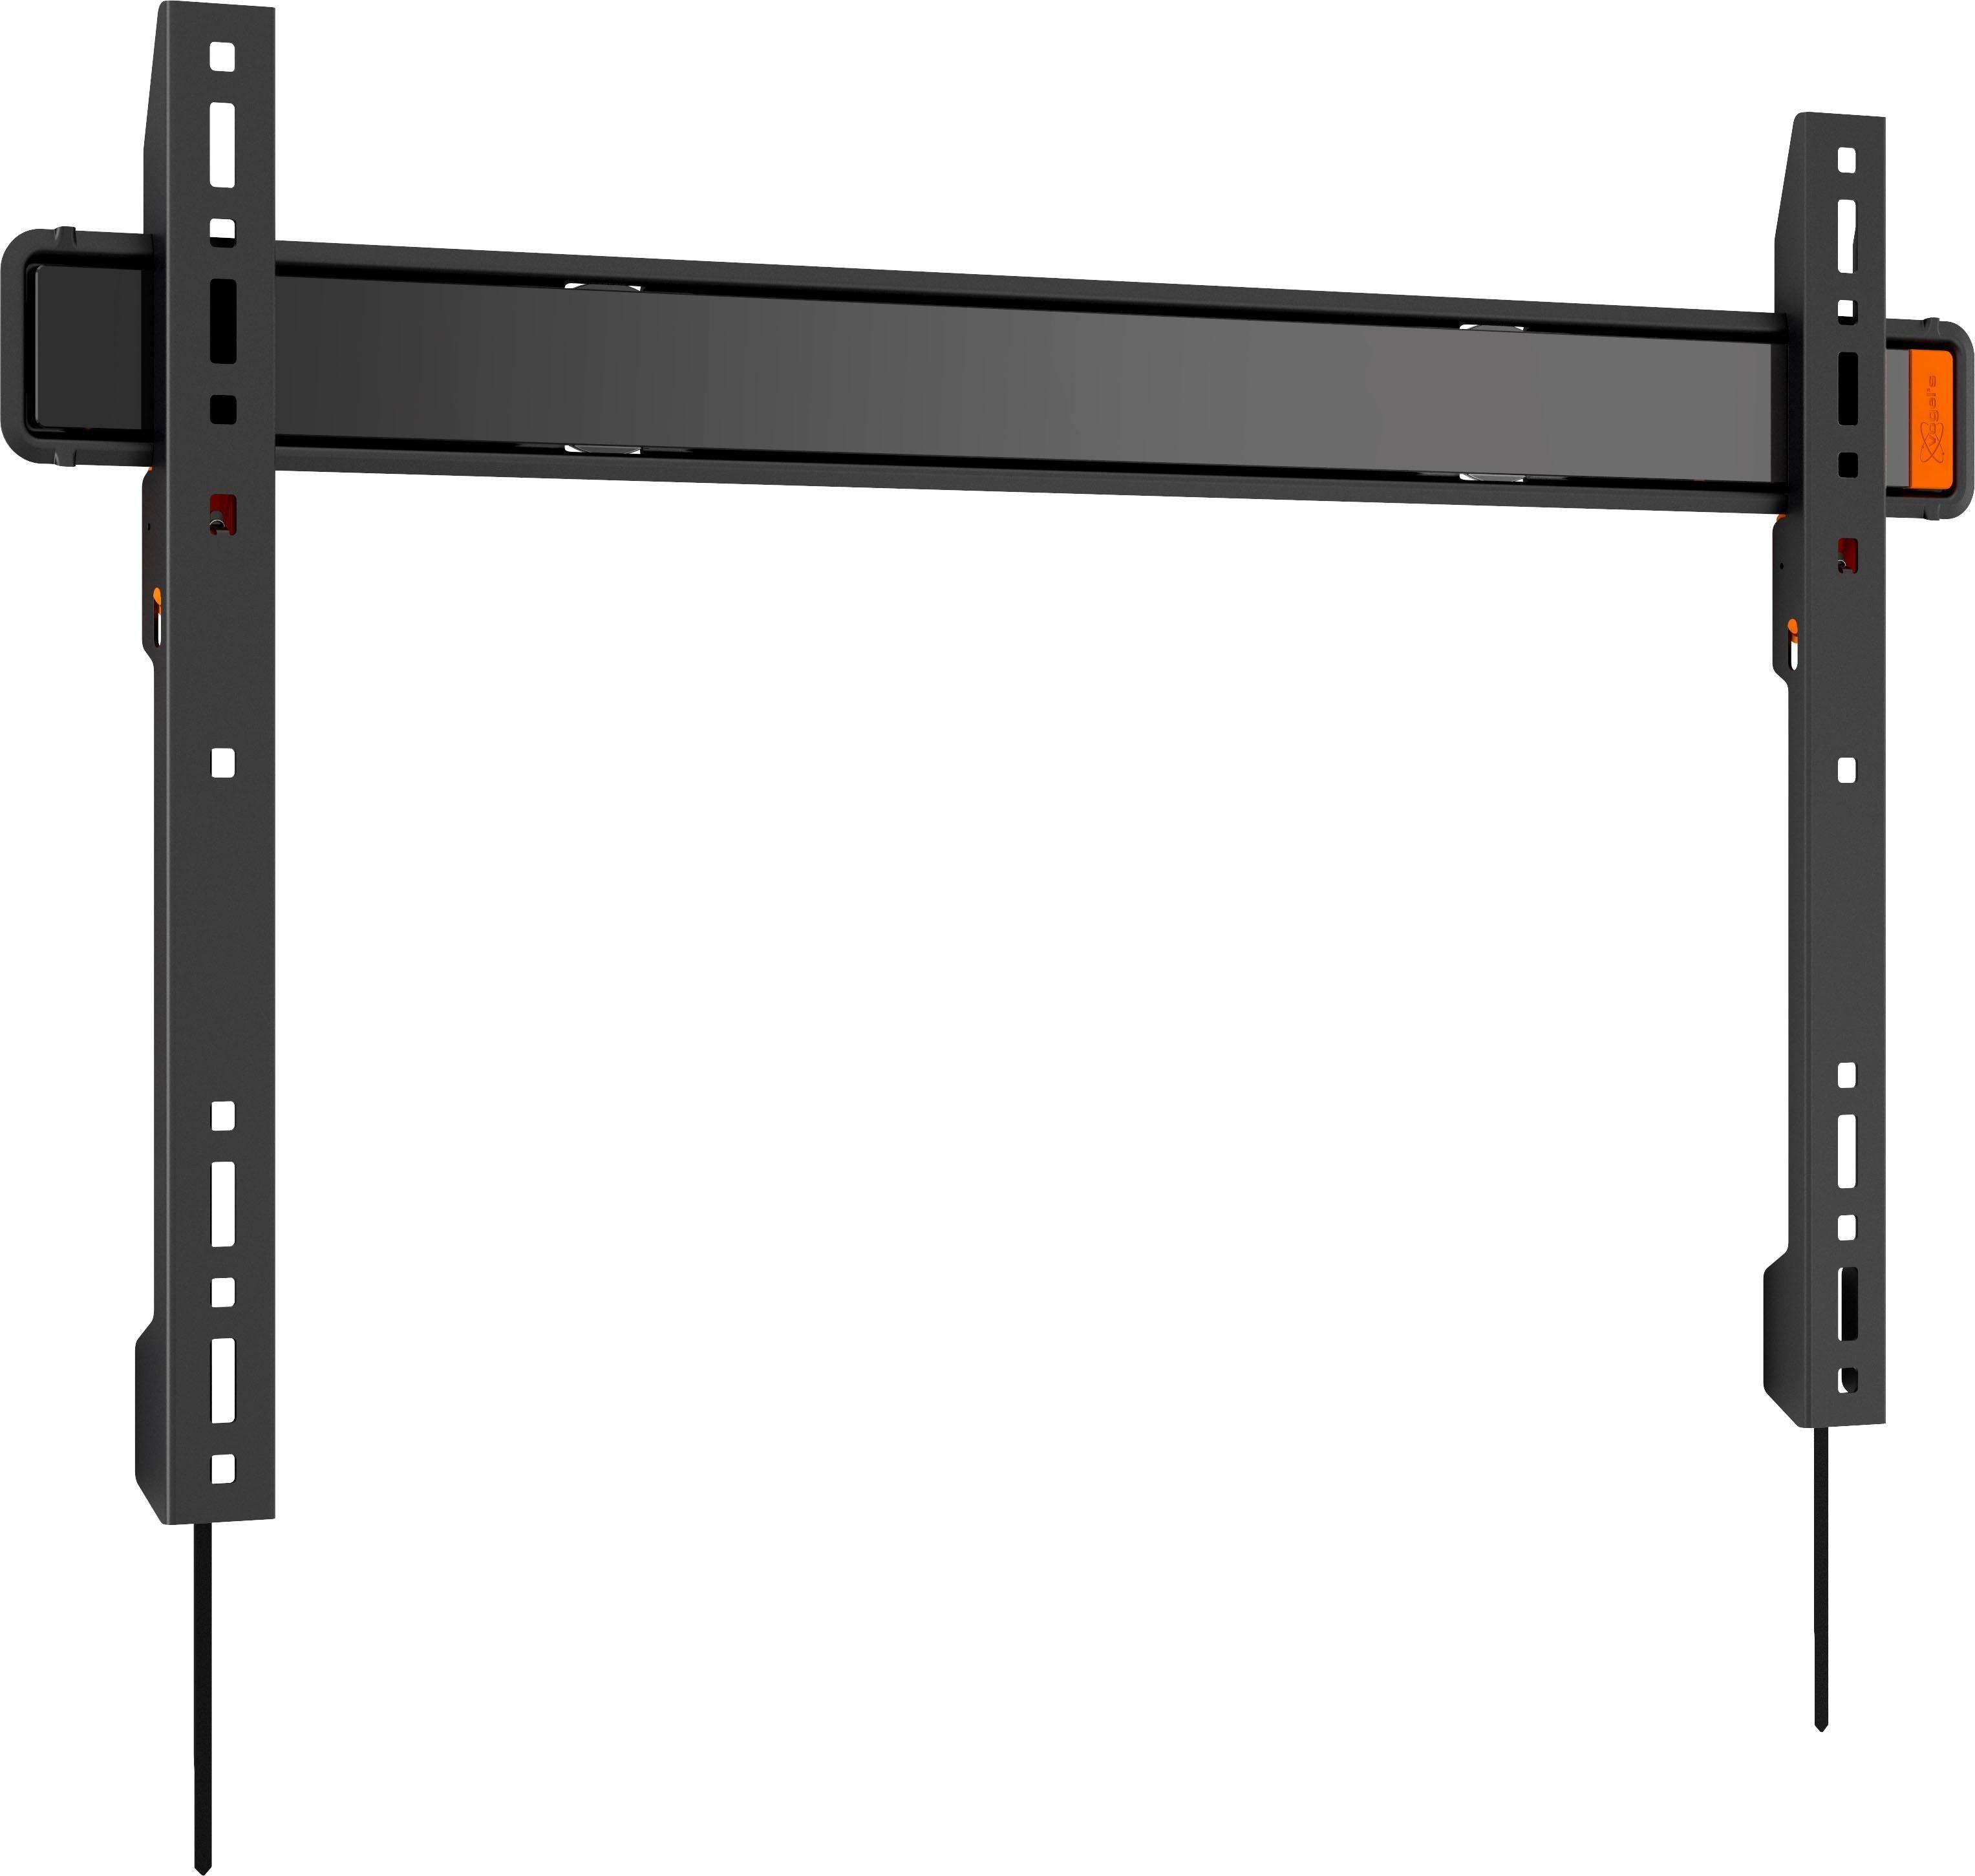 vogel's® TV-Wandhalterung »WALL 3305« starr, für 102-203 cm (40-80 Zoll) Fernseher, VESA 600x400